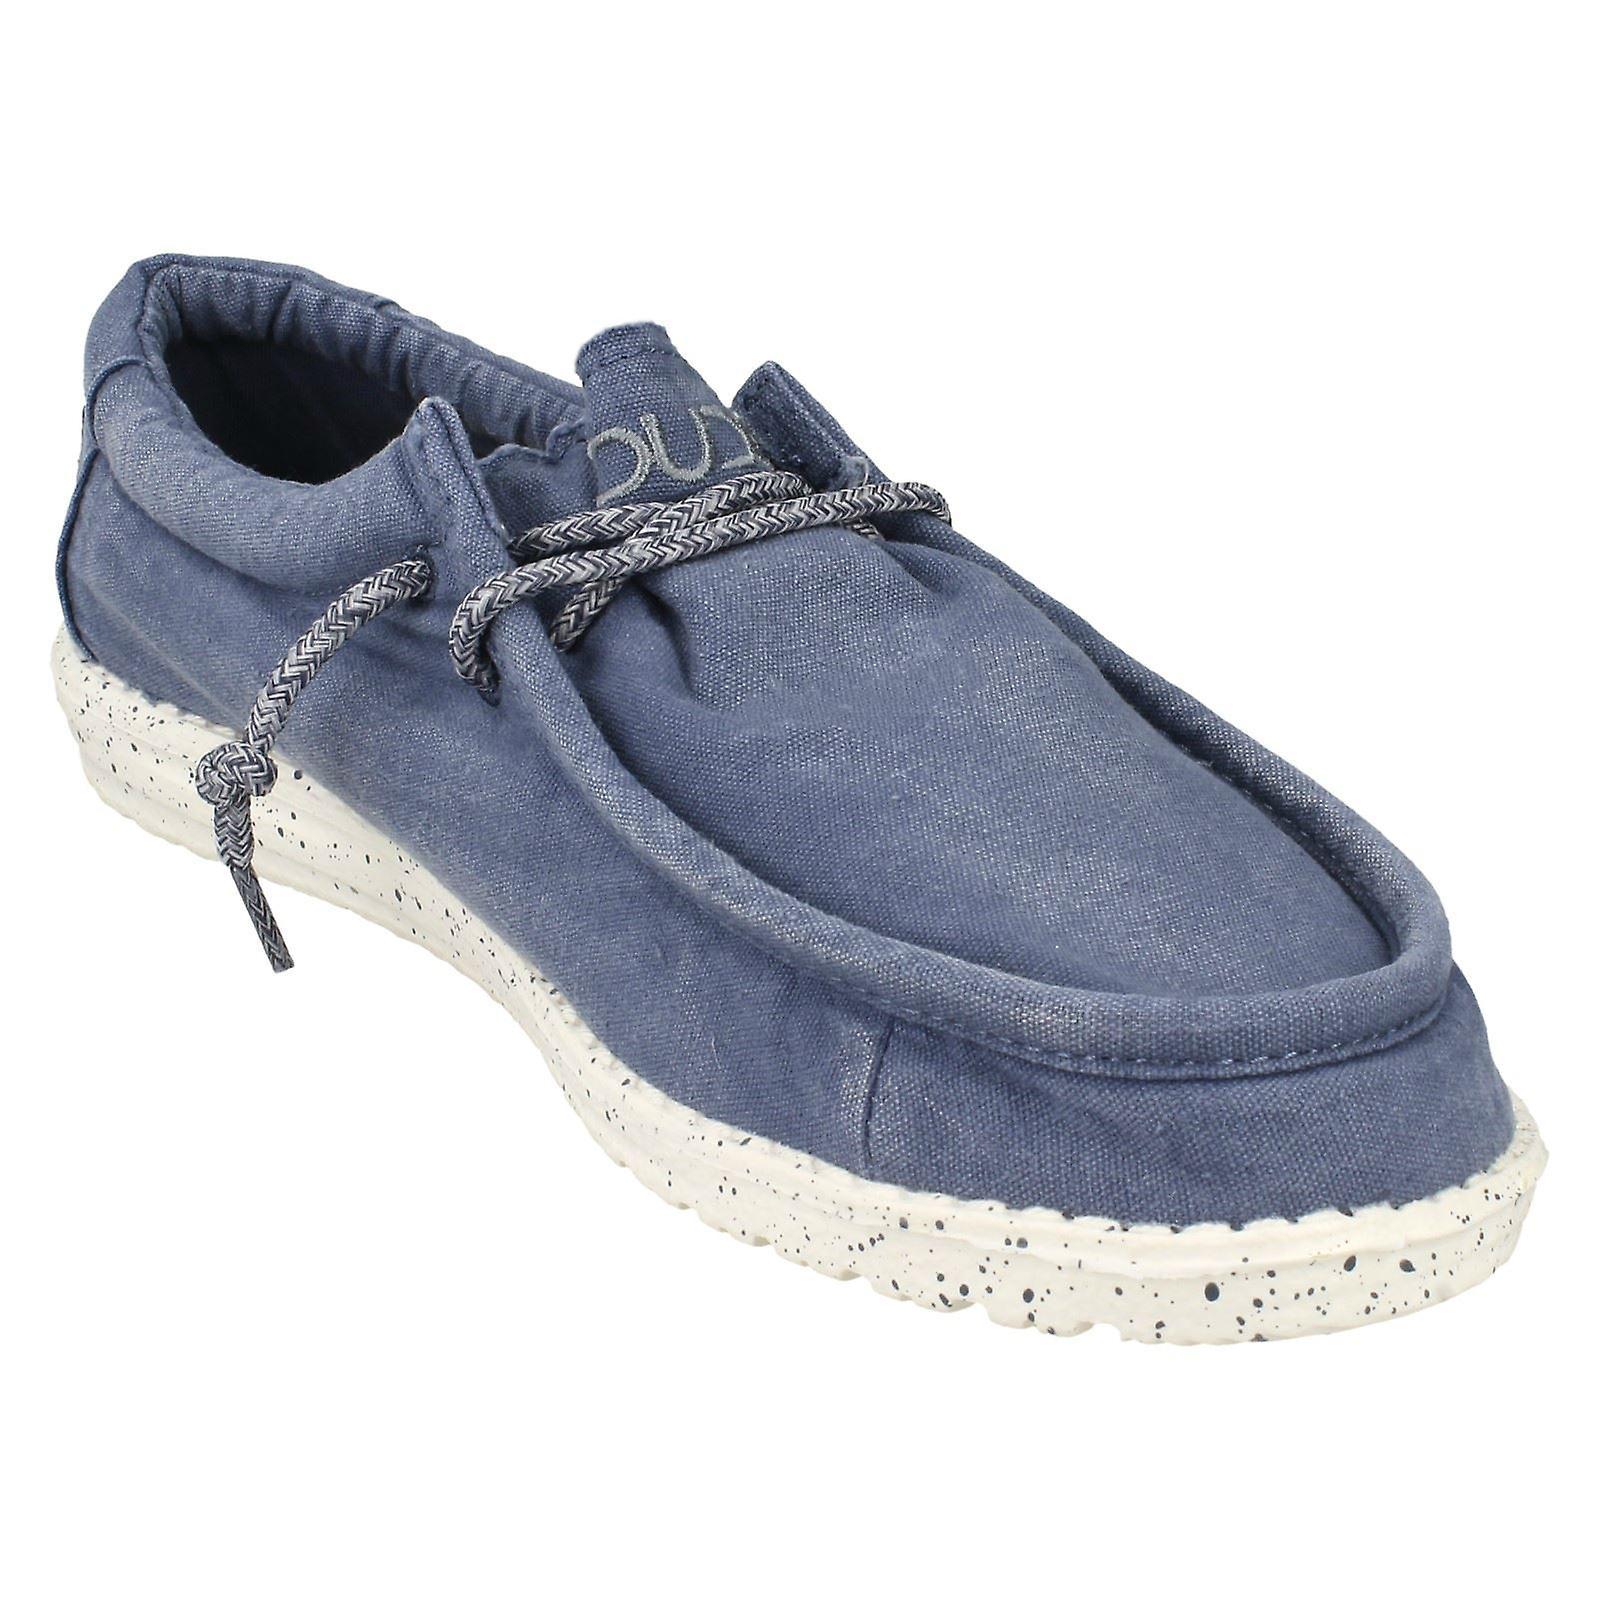 Mens Hey Dude Mokassin Schuhe Wally gewaschen Stahlblau Textil UK Größe 11 EU Größe 45 US Größe 12